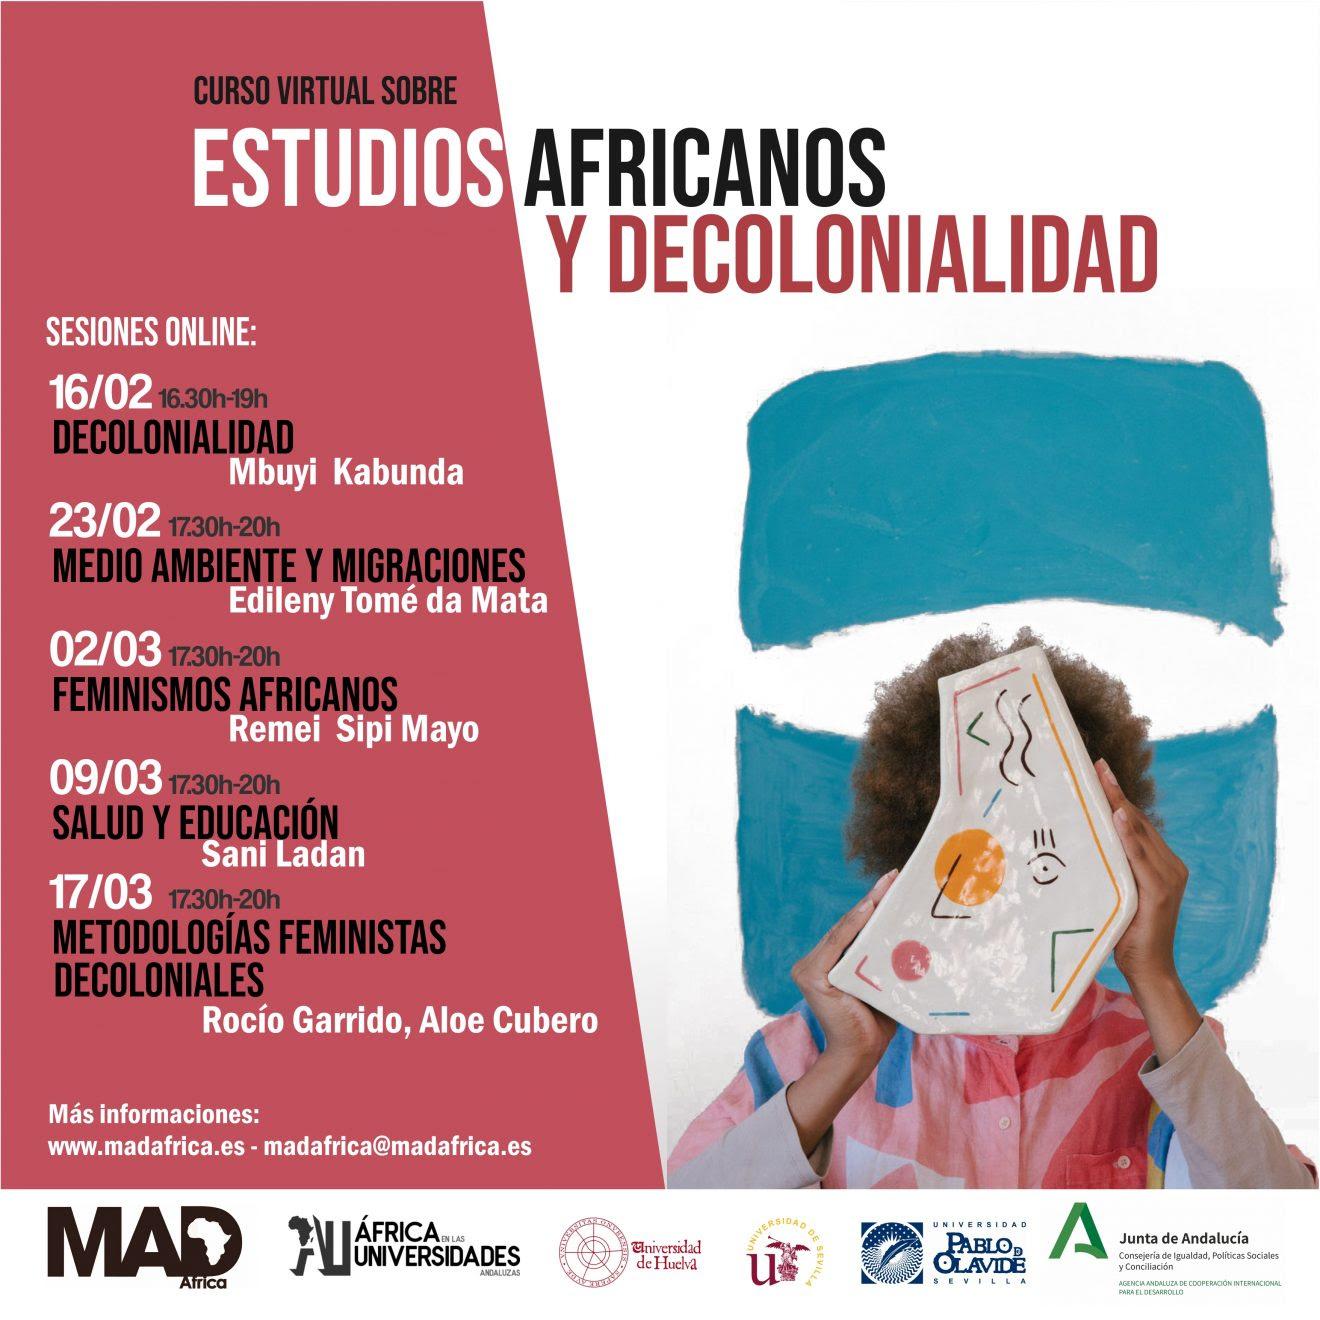 Curso sobre Estudios Africanos y Decolonialidad